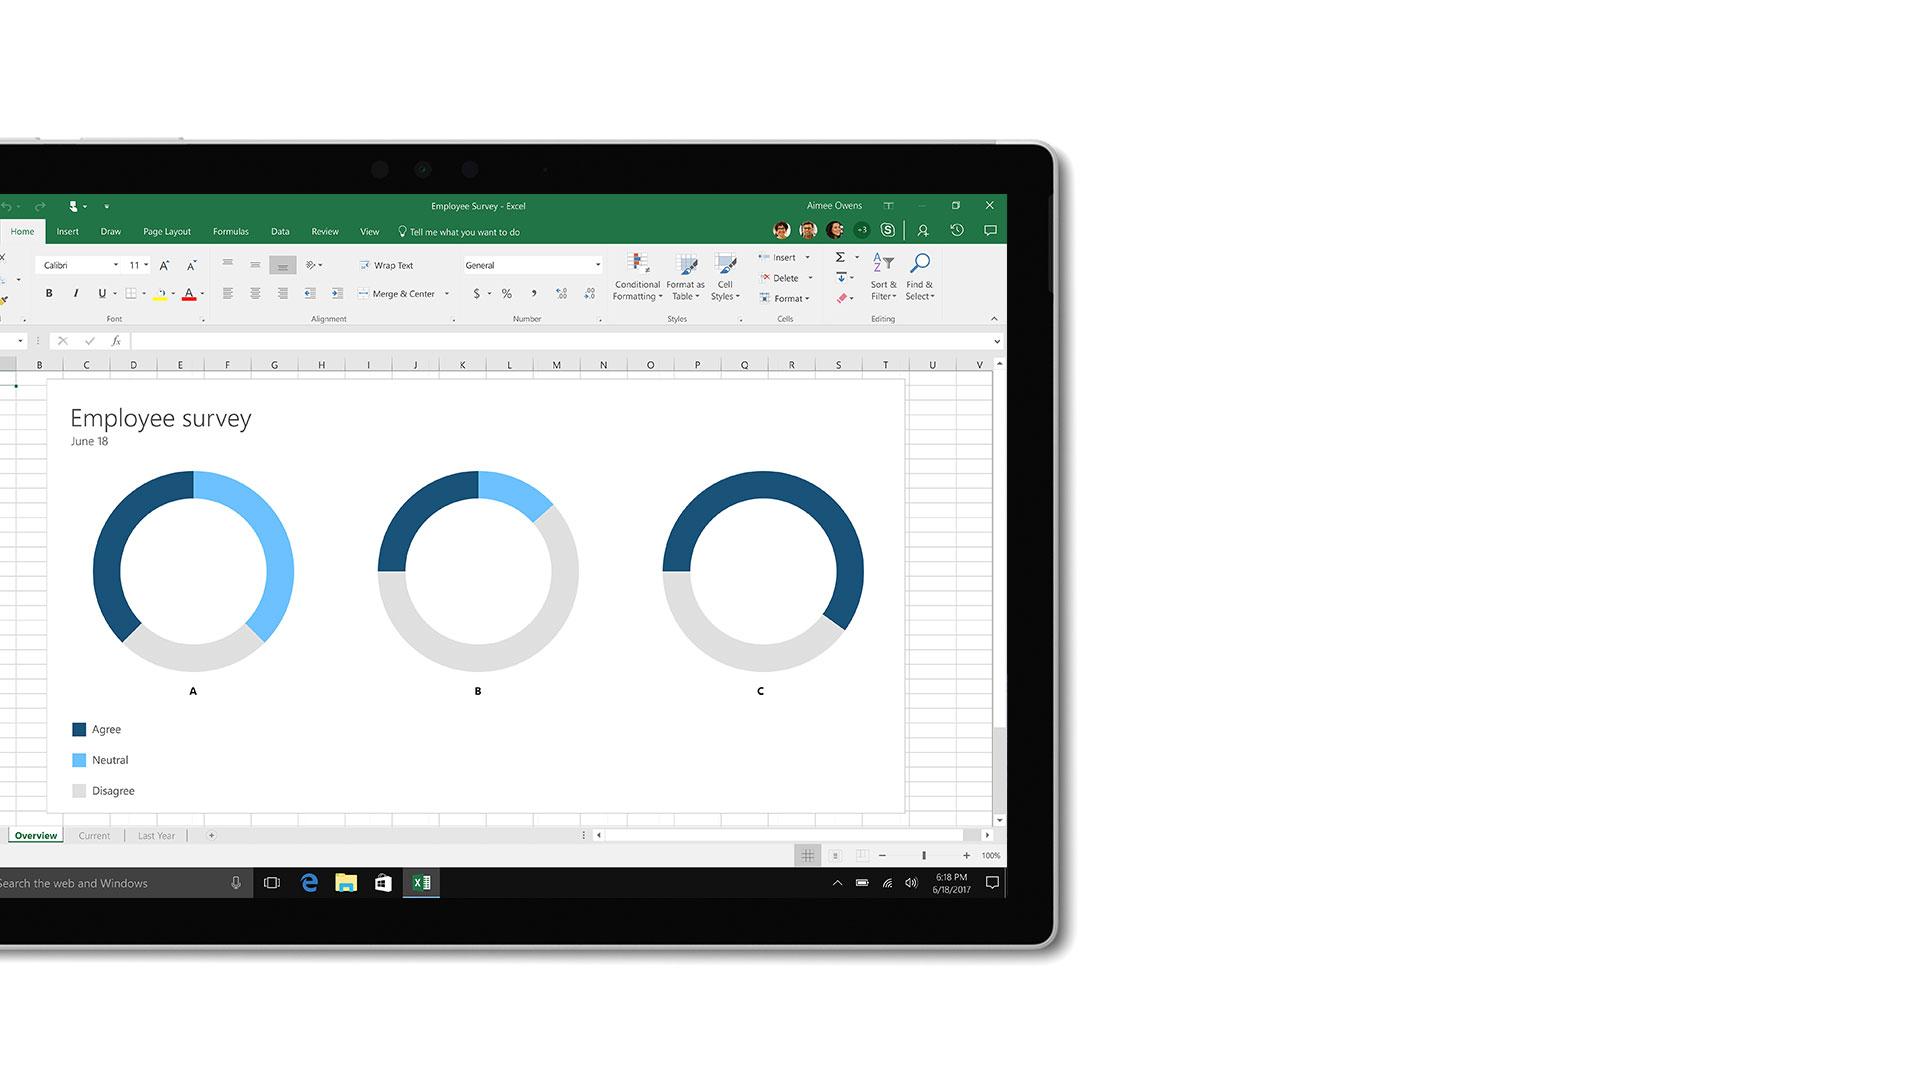 Obraz interfejsu użytkownika aplikacji Microsoft Excel